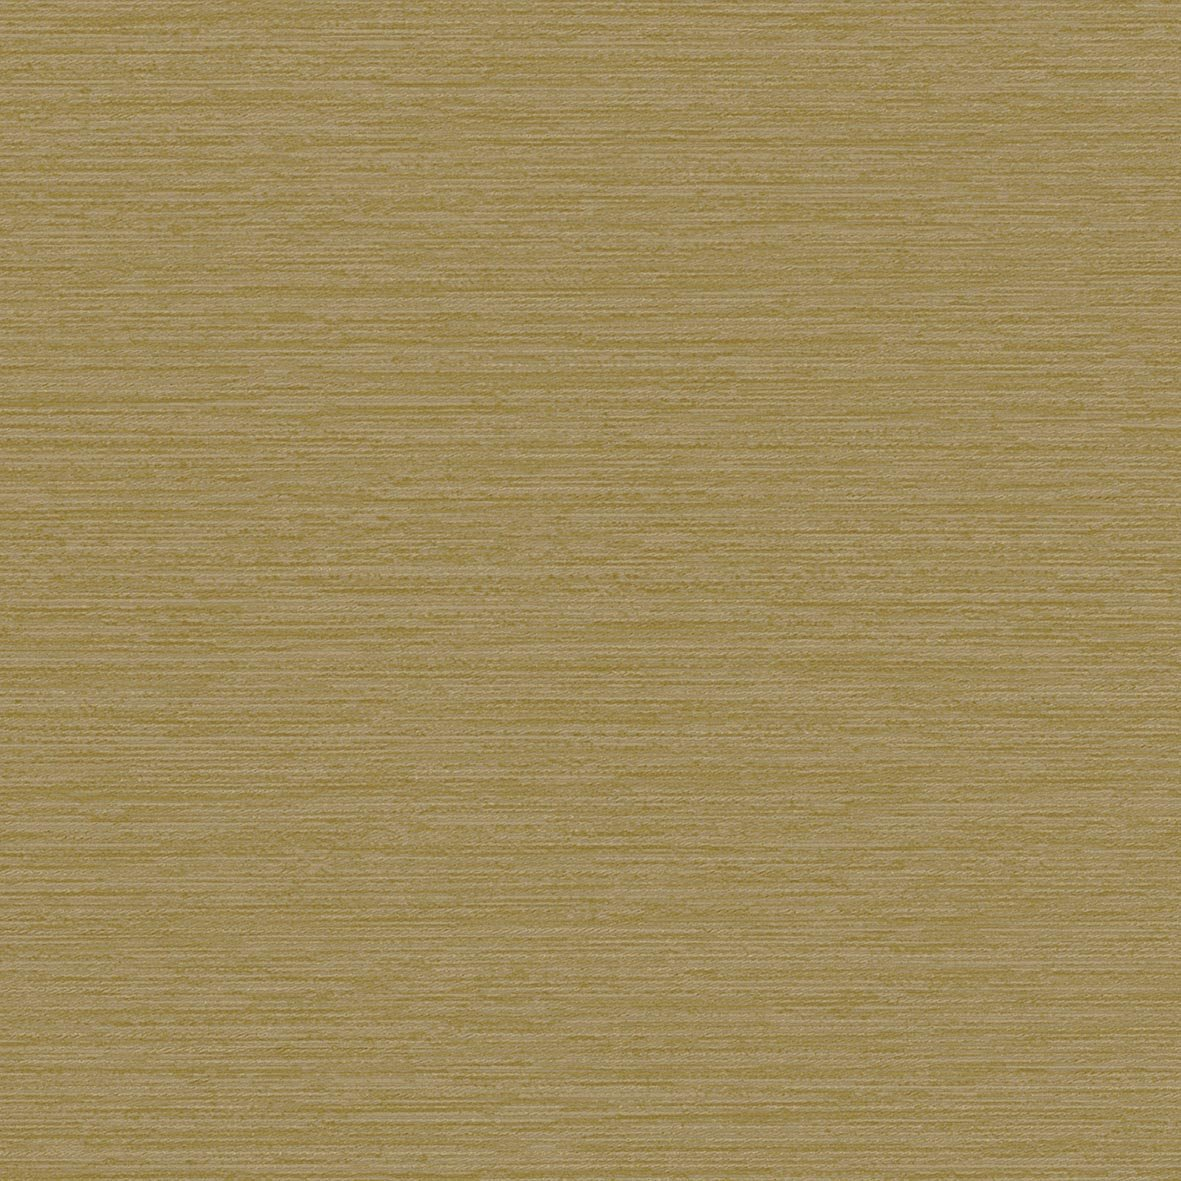 リリカラ 壁紙29m カジュアル 織物調 ゴールド English Anthology -CADOGAN HOUSE- LW-2602 B07611GCZ7 29m|ゴールド